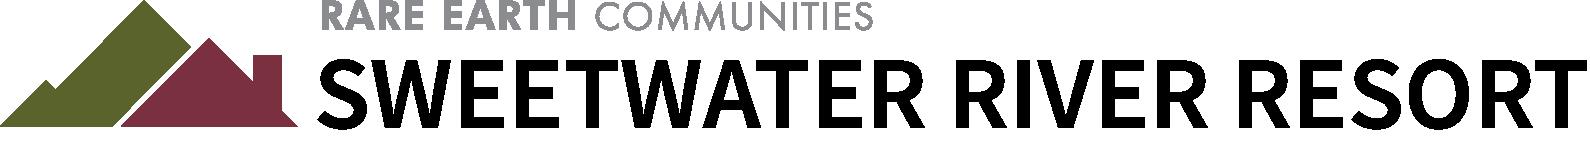 Sweetwater River Resort Logo